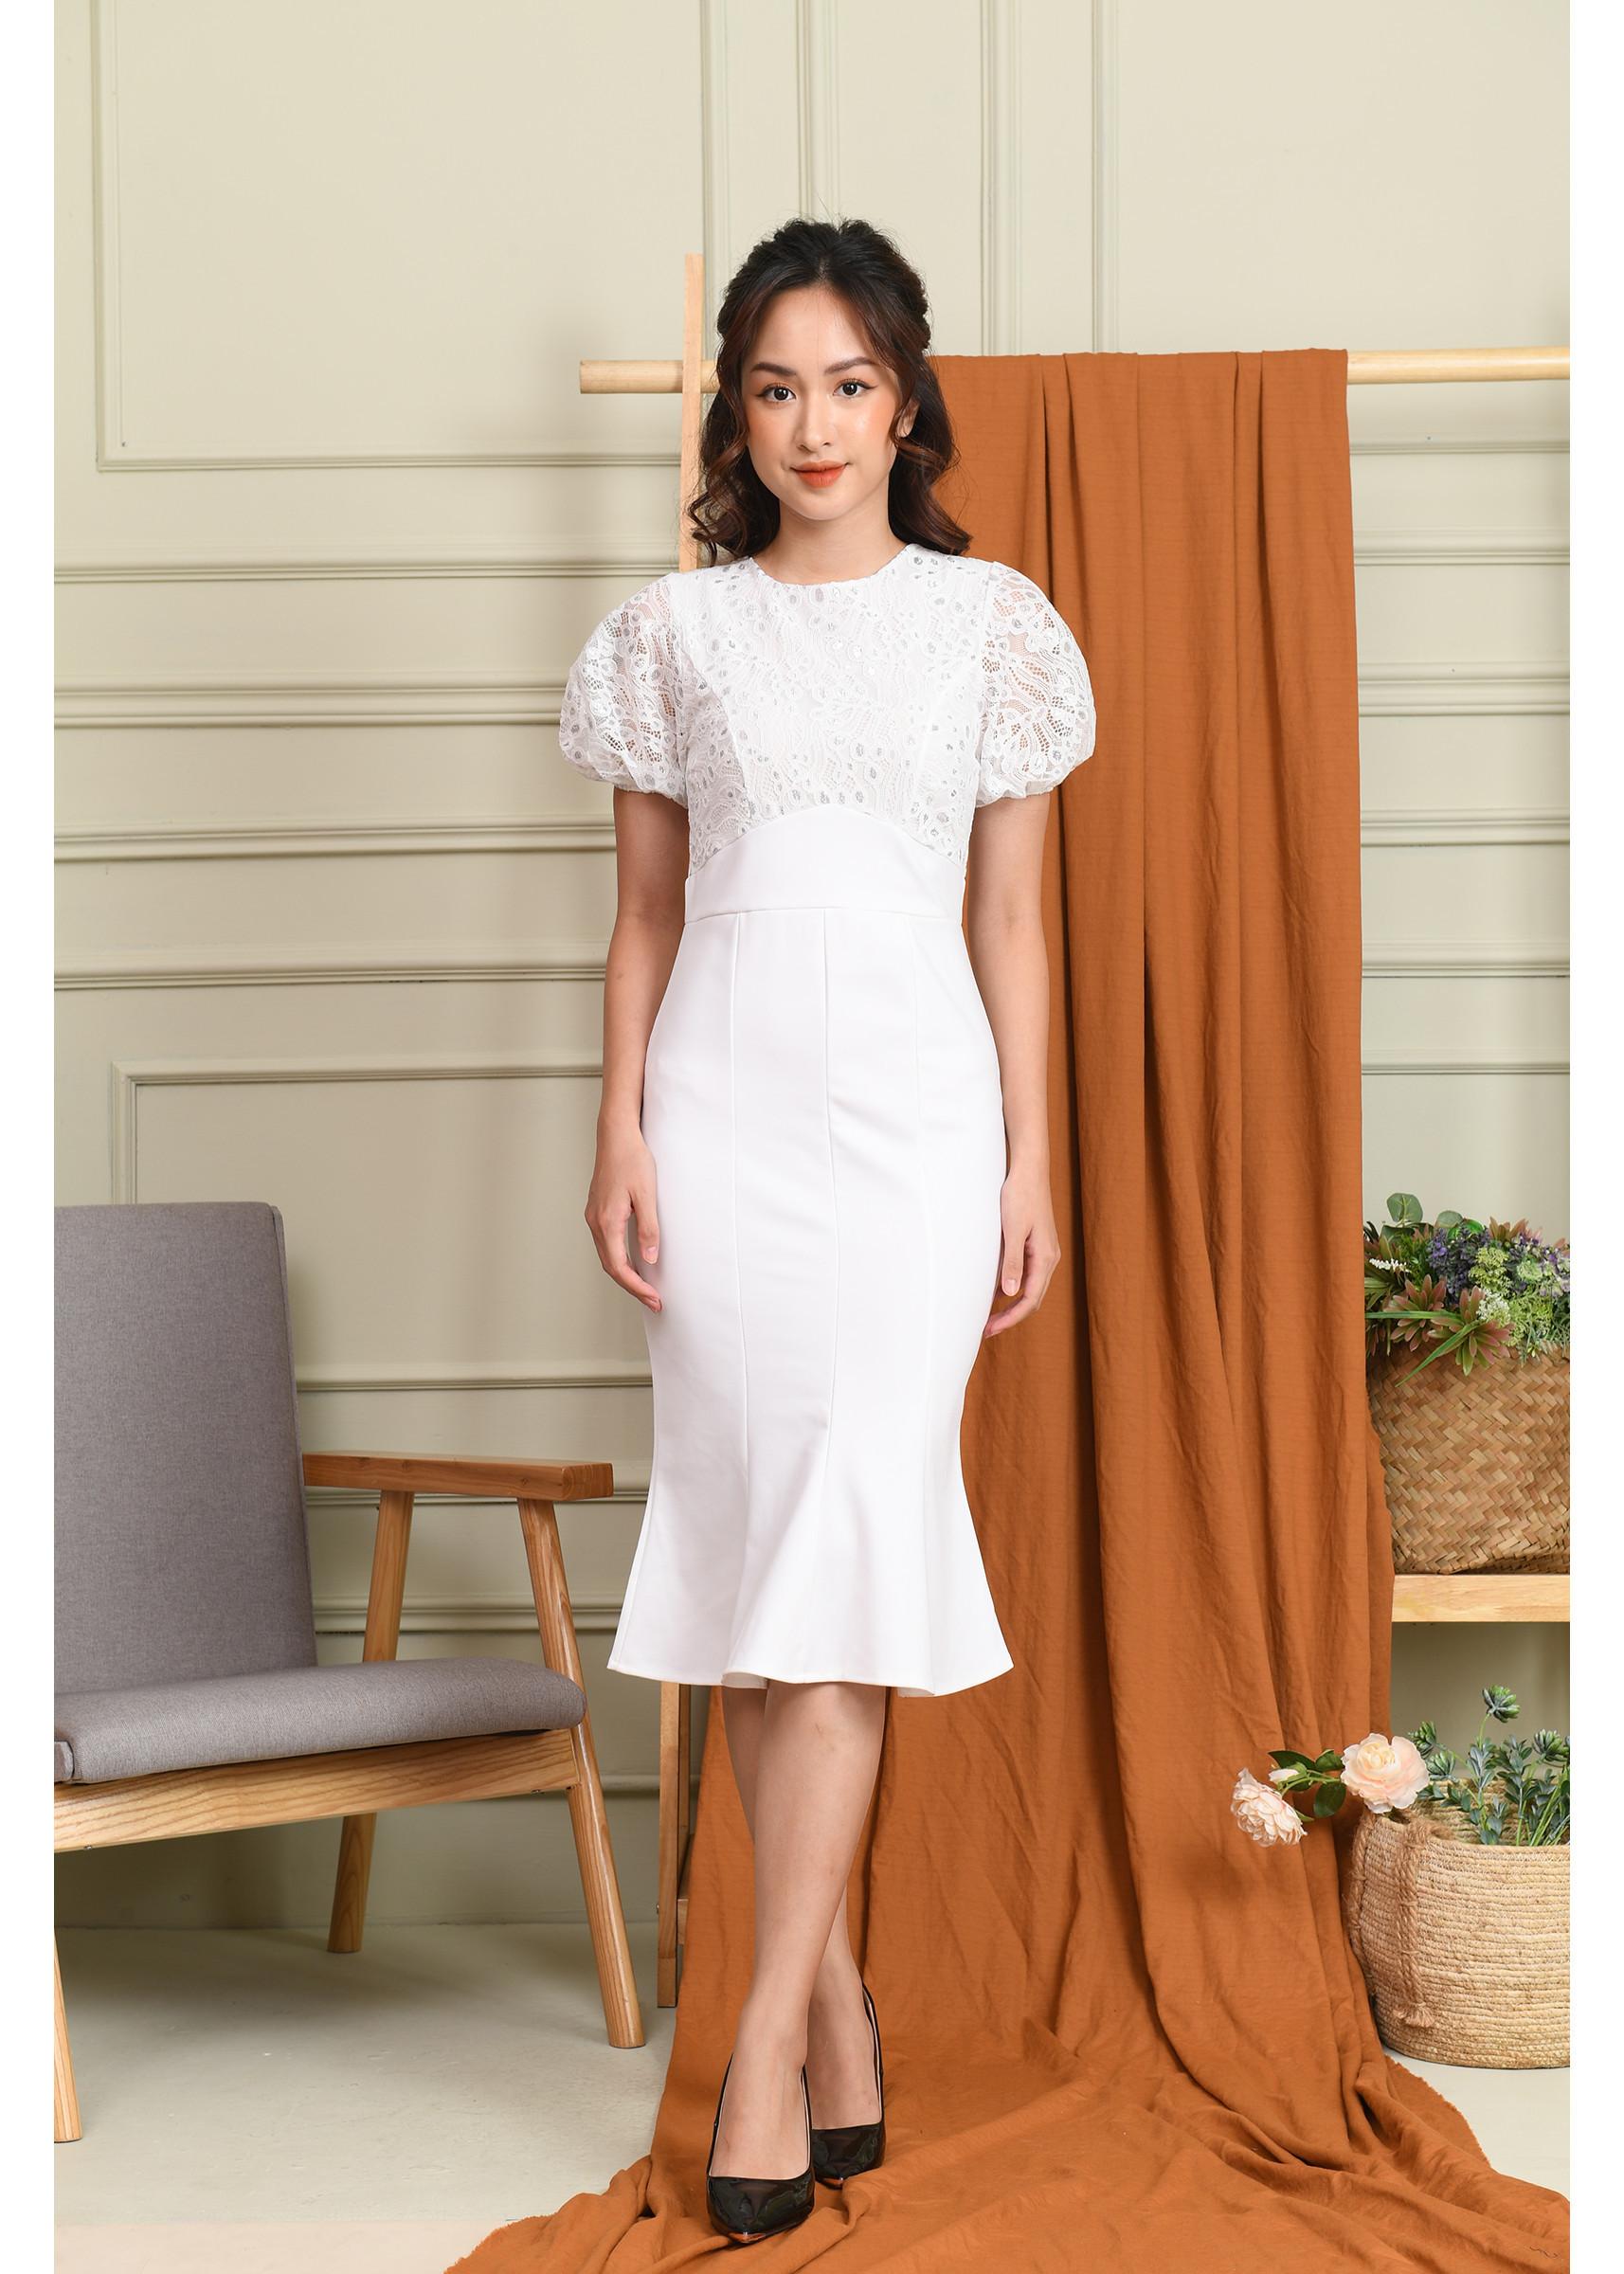 Đầm ôm công sở cổ chéo hoa trắng - 16557301 , 2246622543916 , 62_26169949 , 700000 , Dam-om-cong-so-co-cheo-hoa-trang-62_26169949 , tiki.vn , Đầm ôm công sở cổ chéo hoa trắng